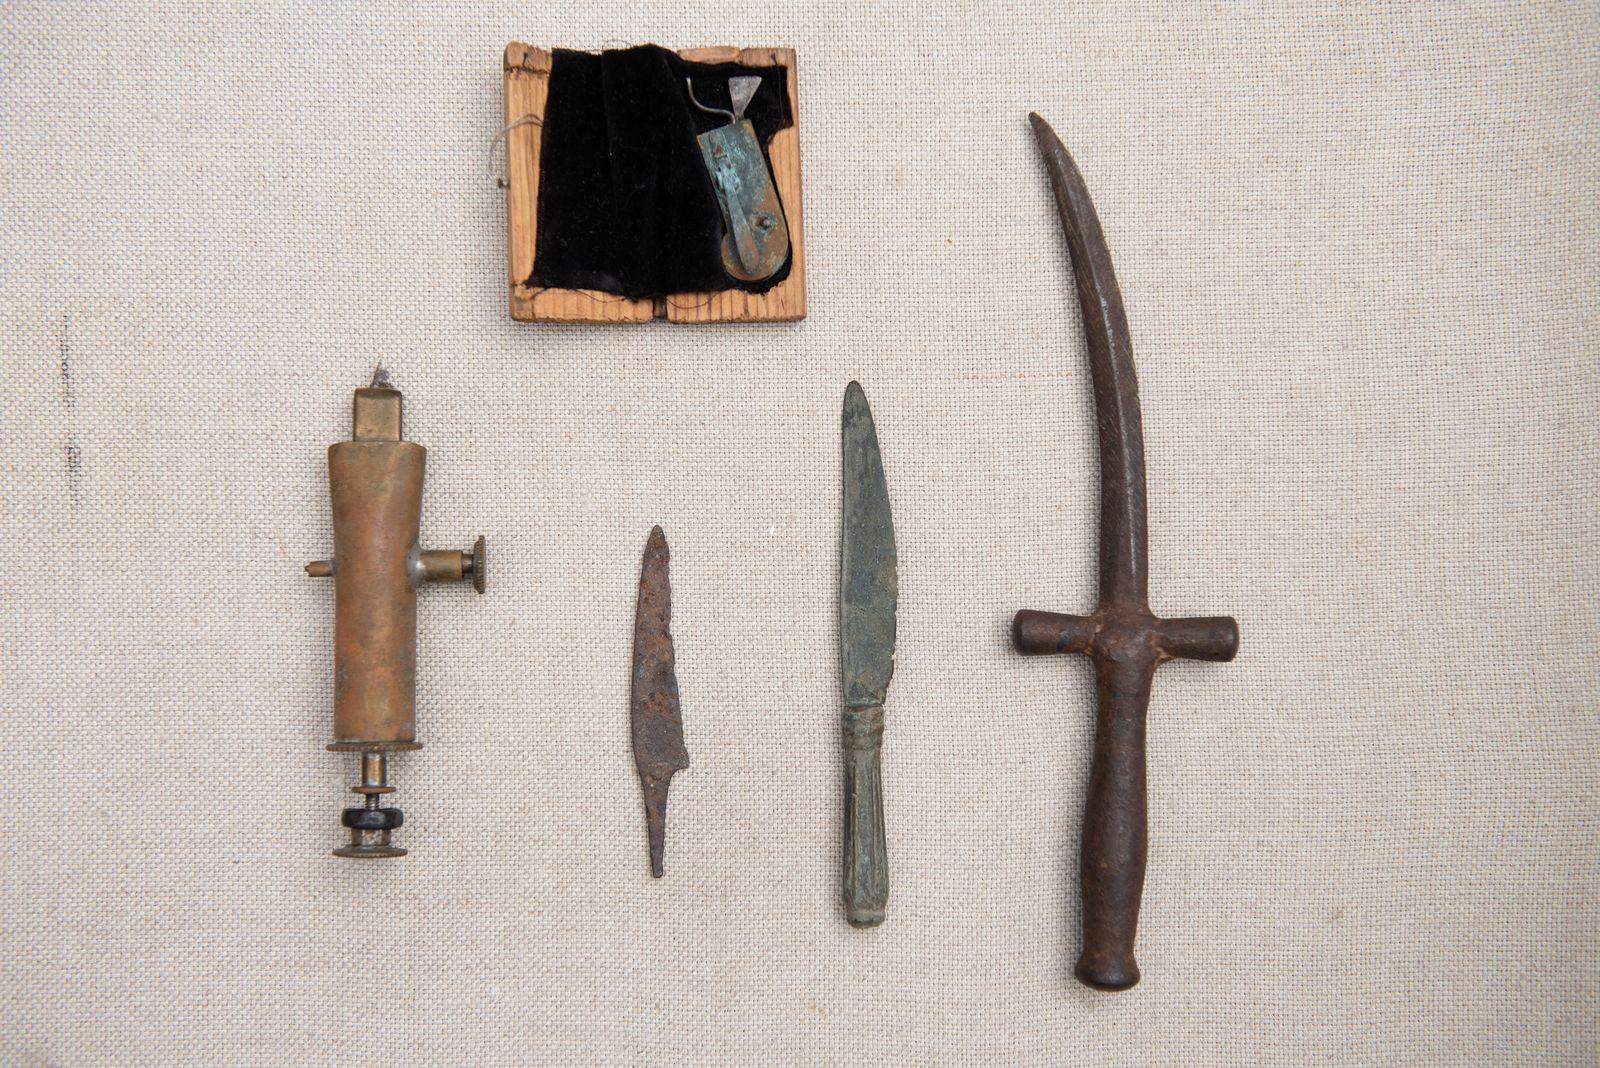 Muzei75_Нищери, ножове и бръснач. Инструменти използвани за пускане на кръв от края на 19 век.